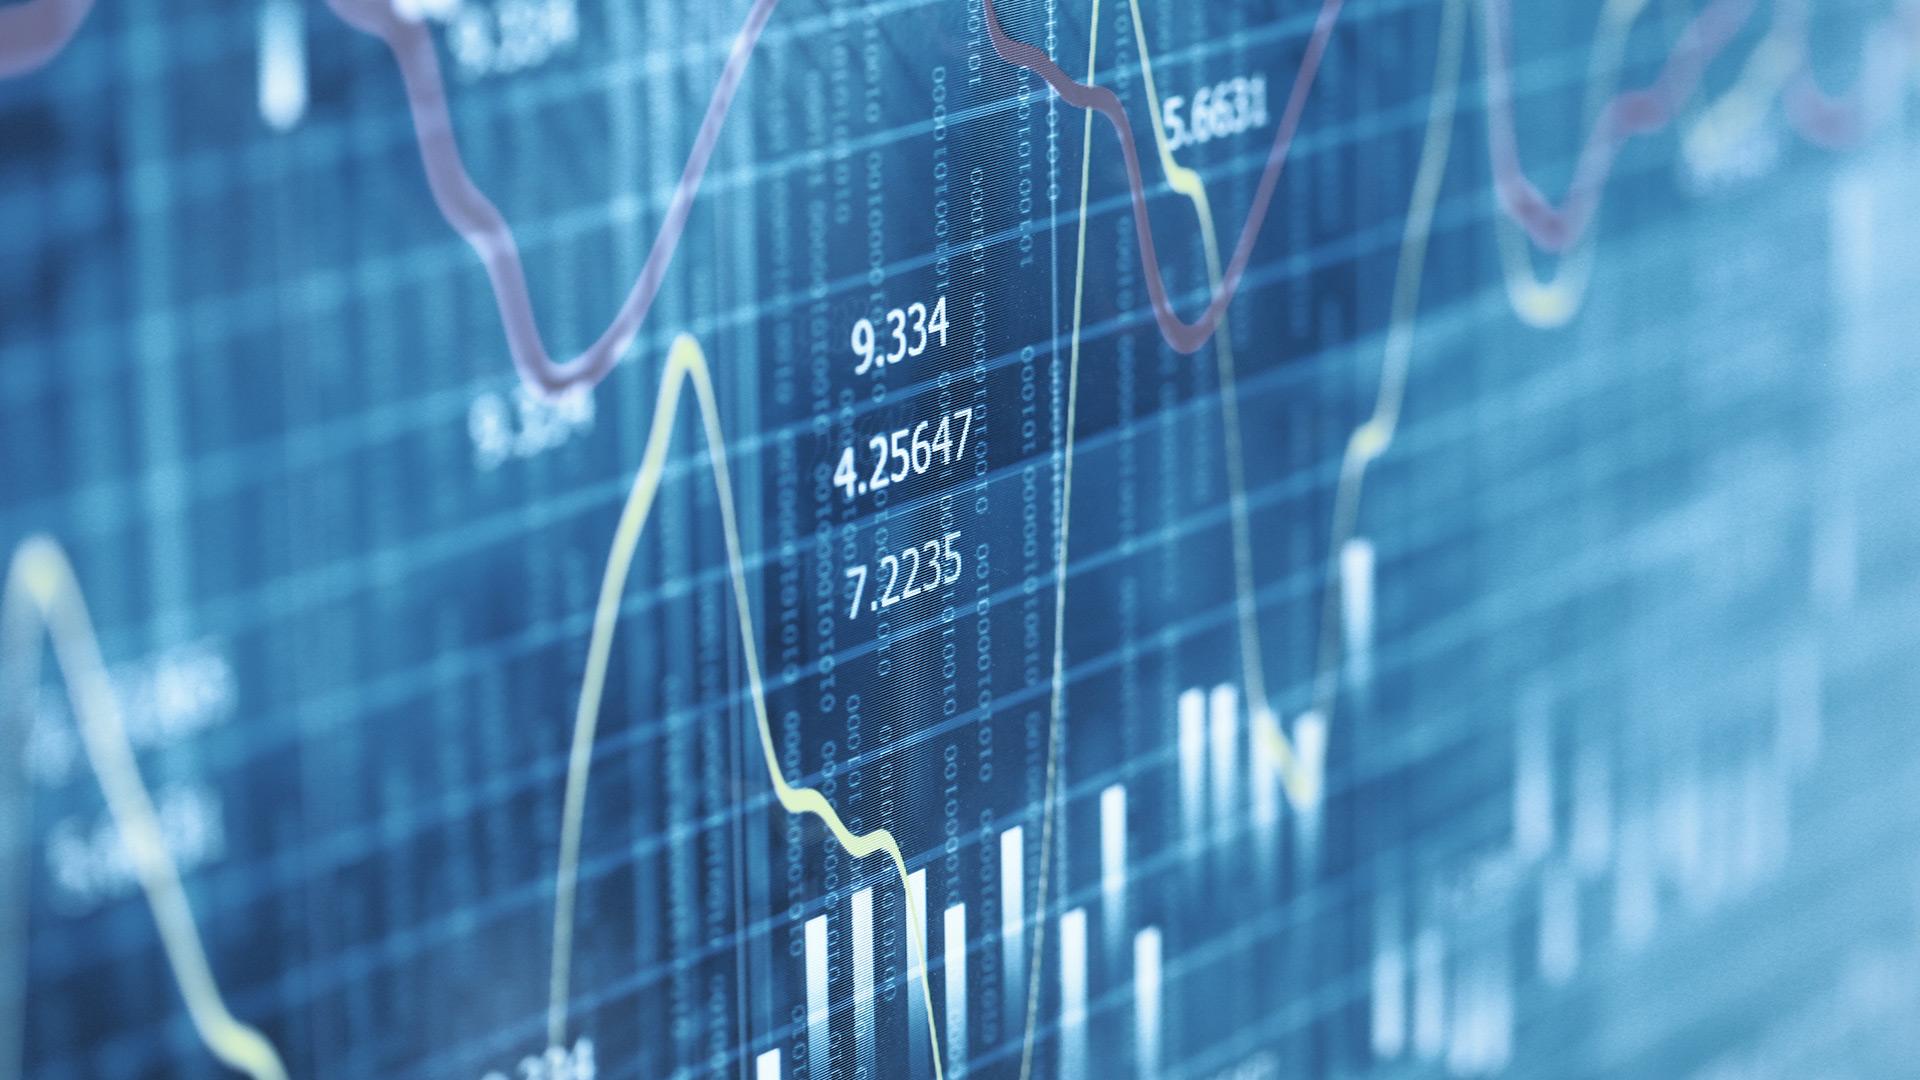 Graphique de données boursières